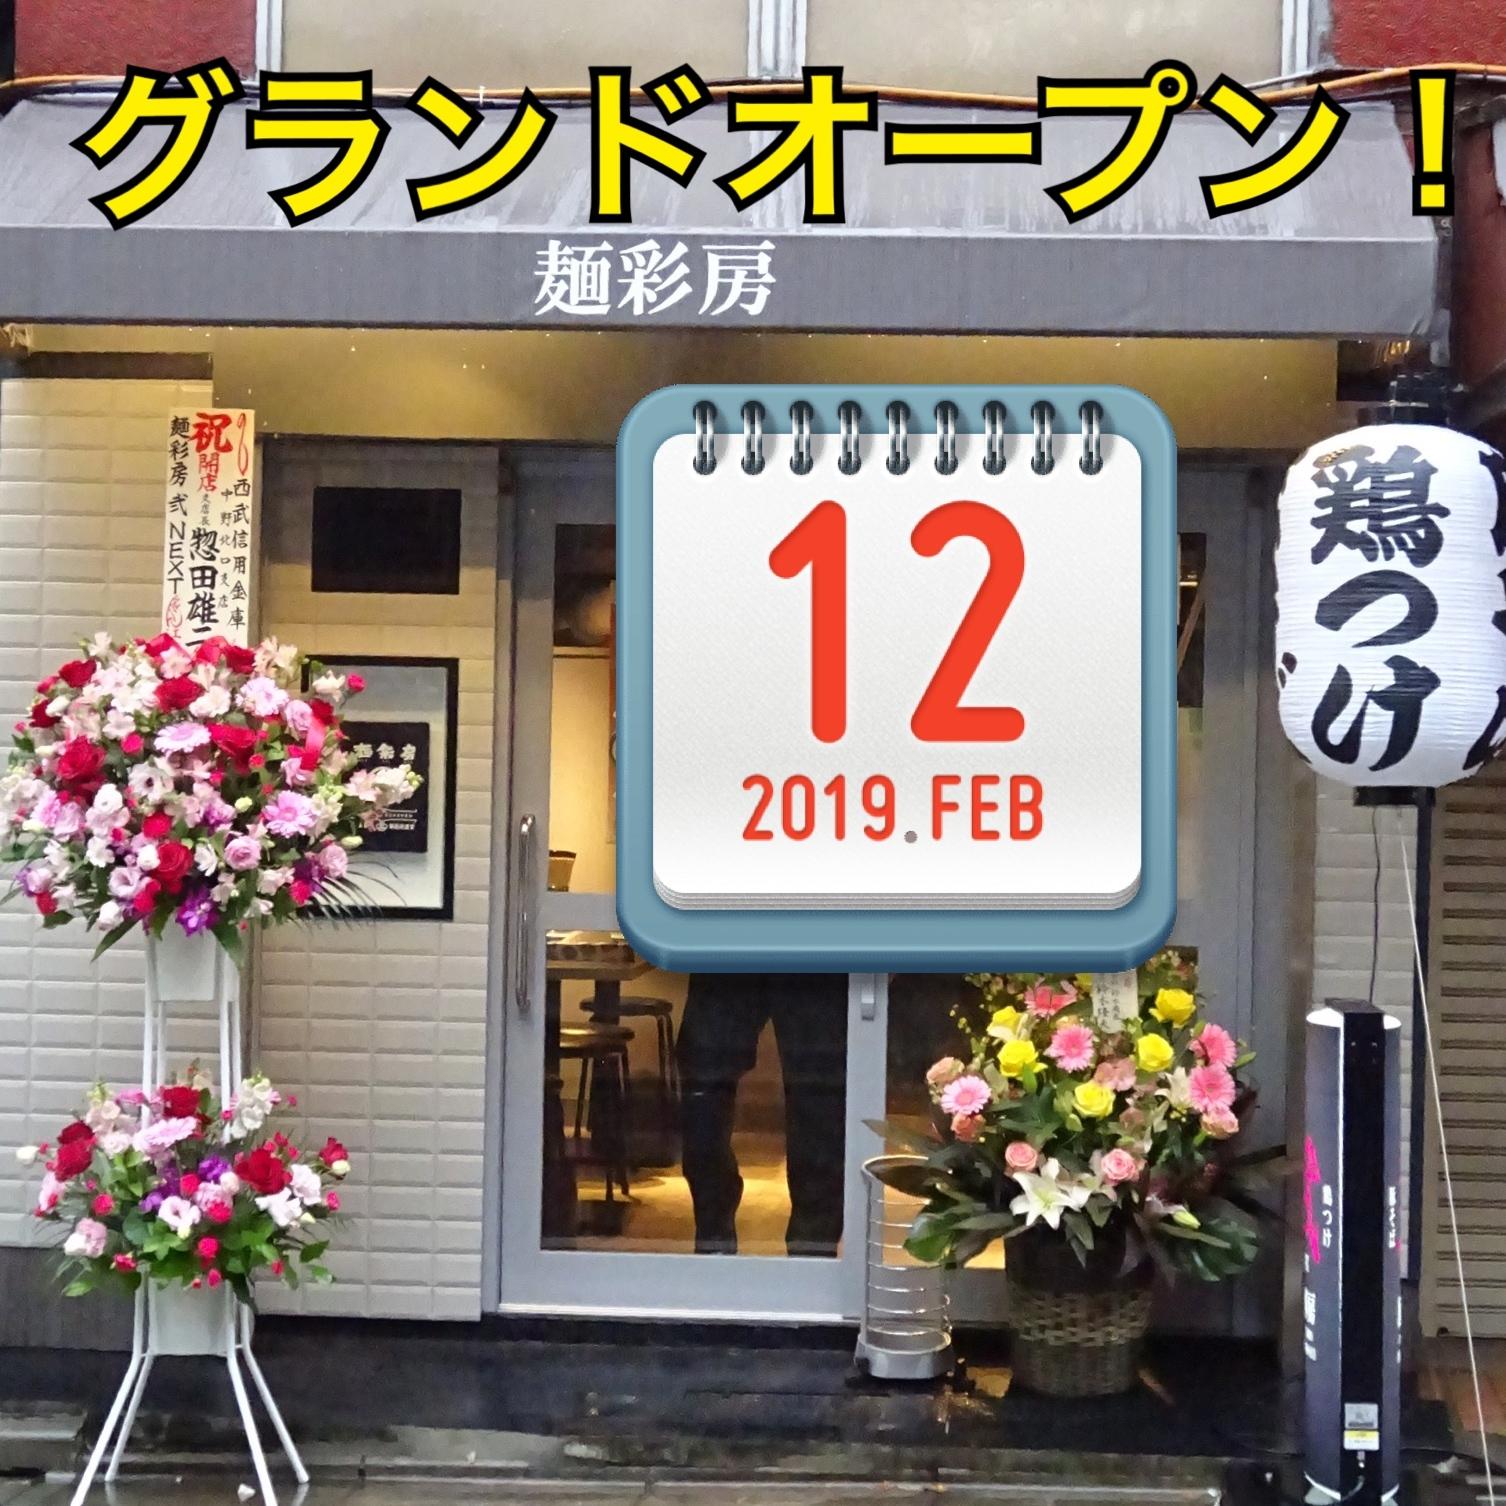 麺彩房弐NEXT 東京都中央区日本橋人形町2−6−122月12日グランドオープン